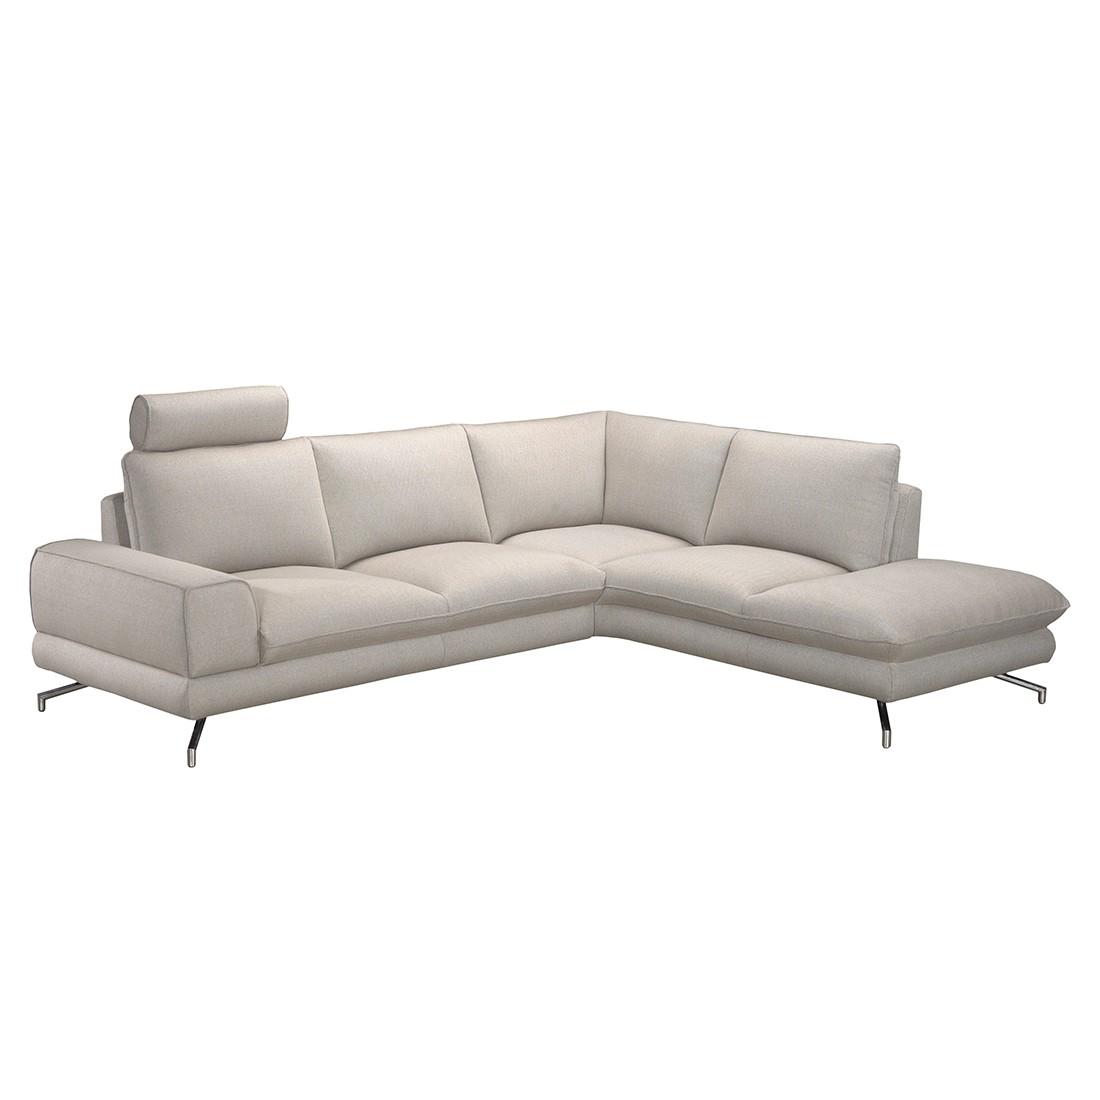 ecksofa lennard strukturstoff beige ottomane davorstehend rechts loftscape online kaufen. Black Bedroom Furniture Sets. Home Design Ideas